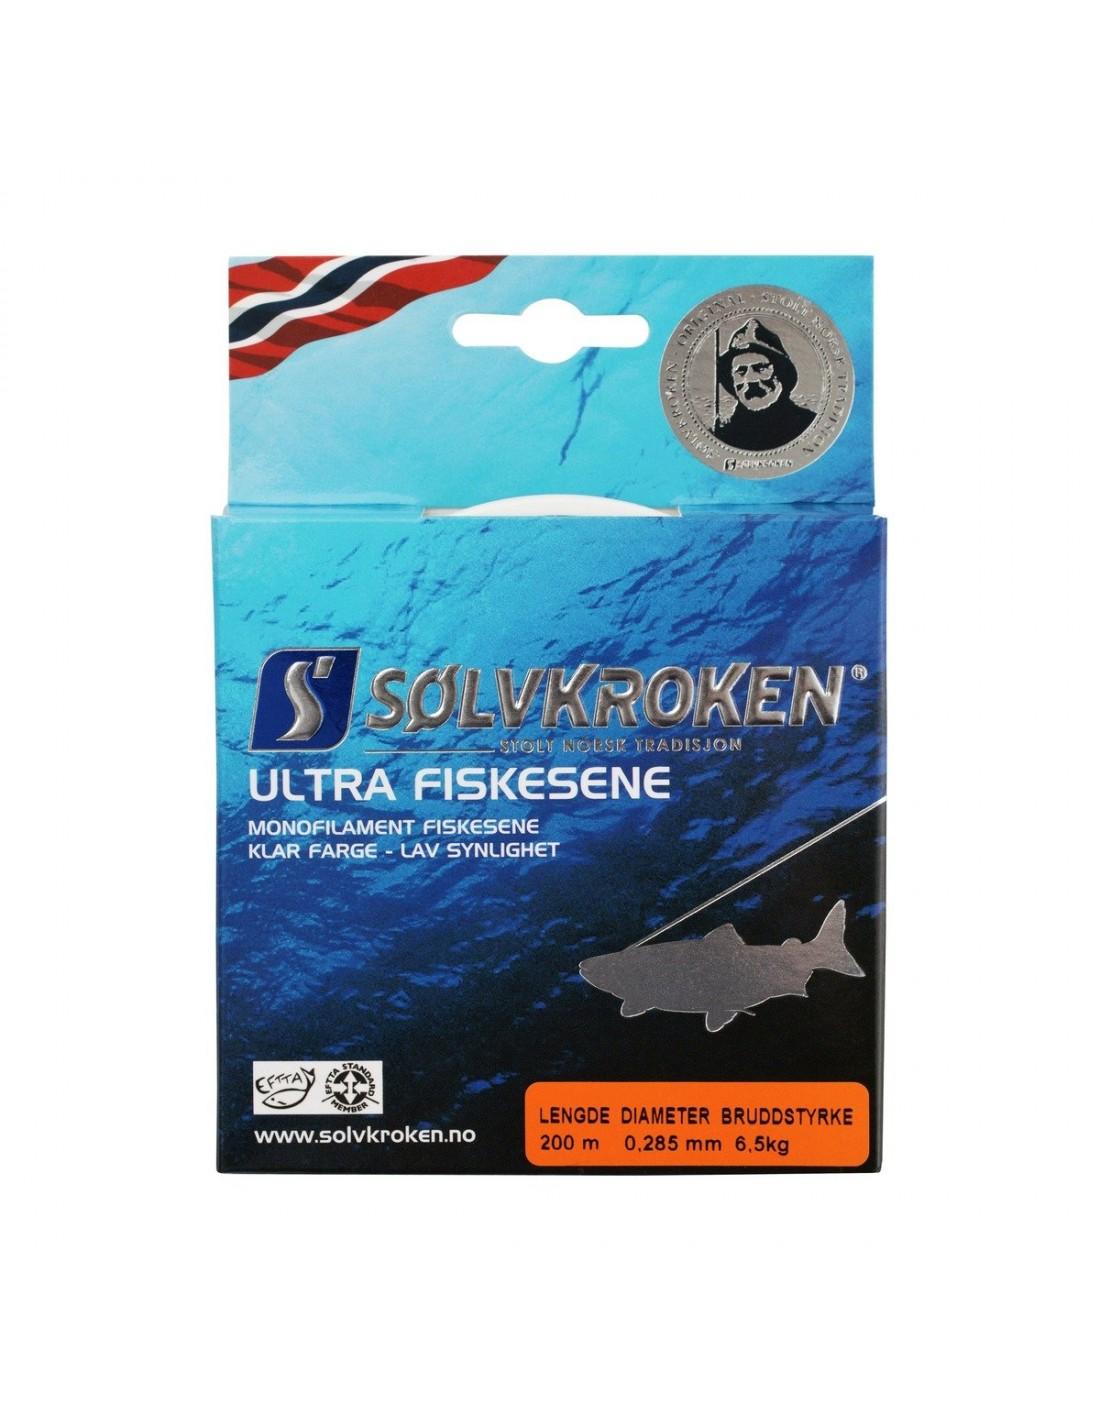 Sener Sølvkroken Ultra Sene Clear 507707 169 kr